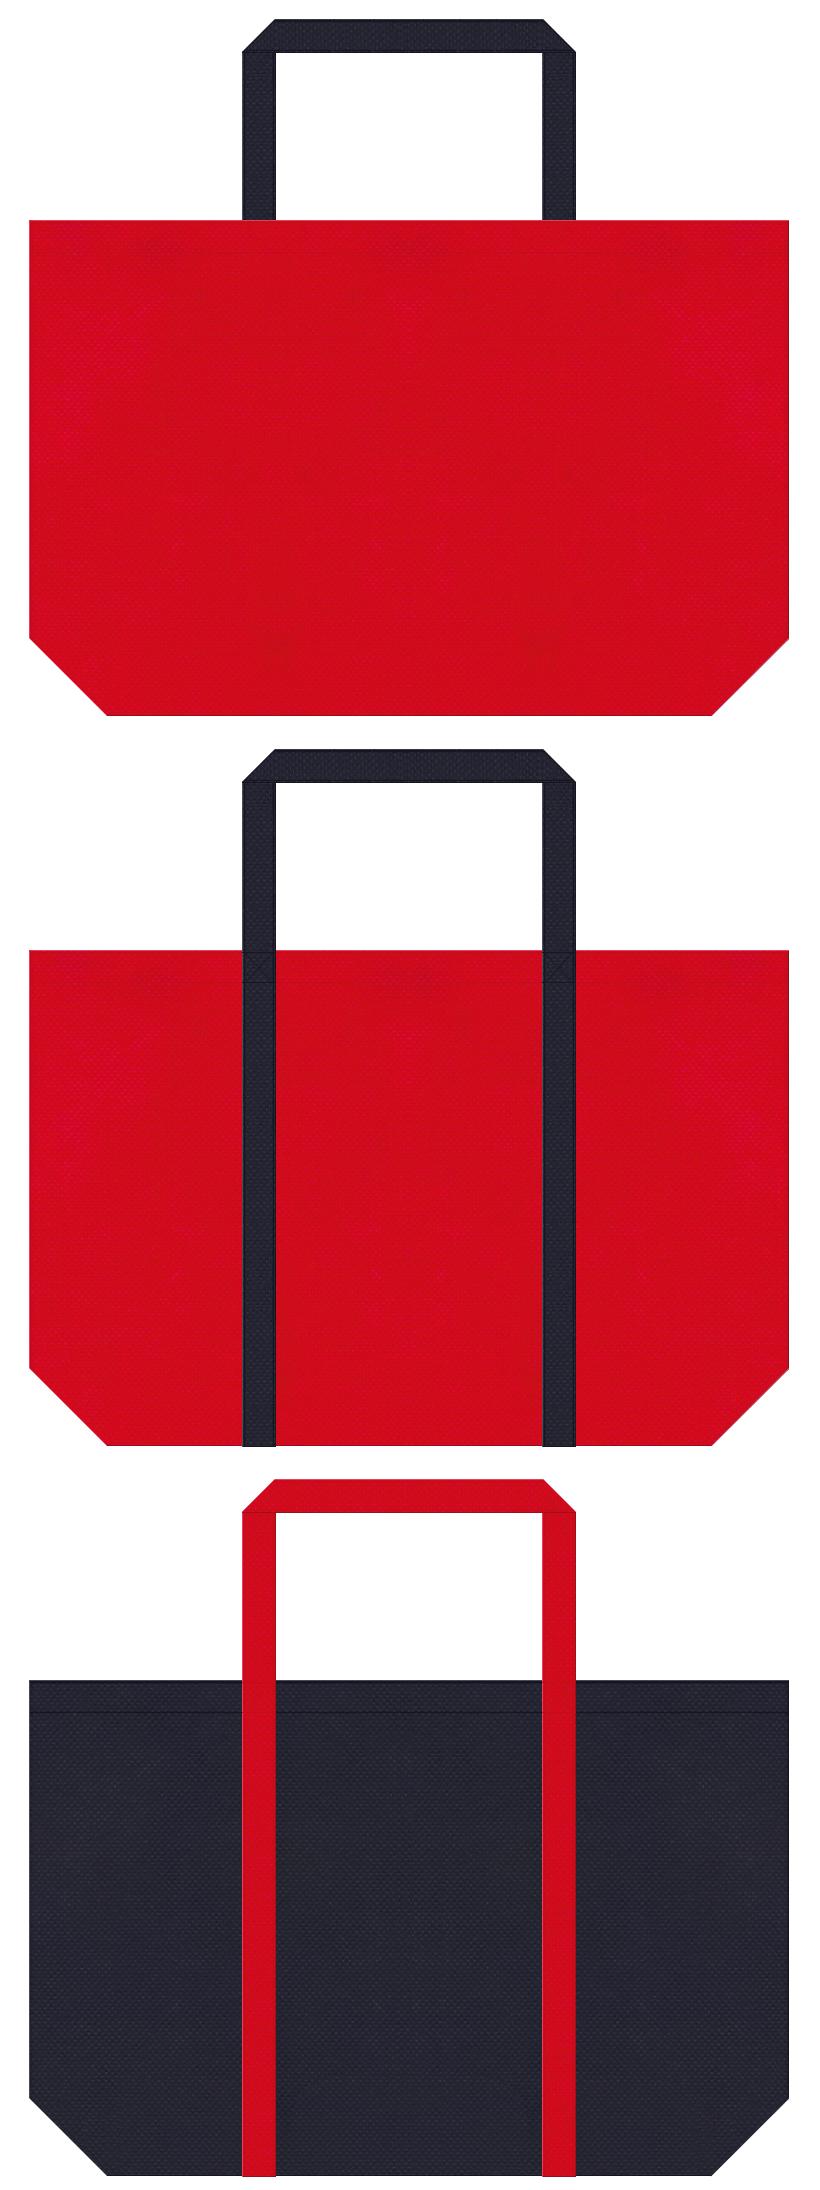 スポーツバッグにお奨めの不織布バッグデザイン:紅色と濃紺色のコーデ